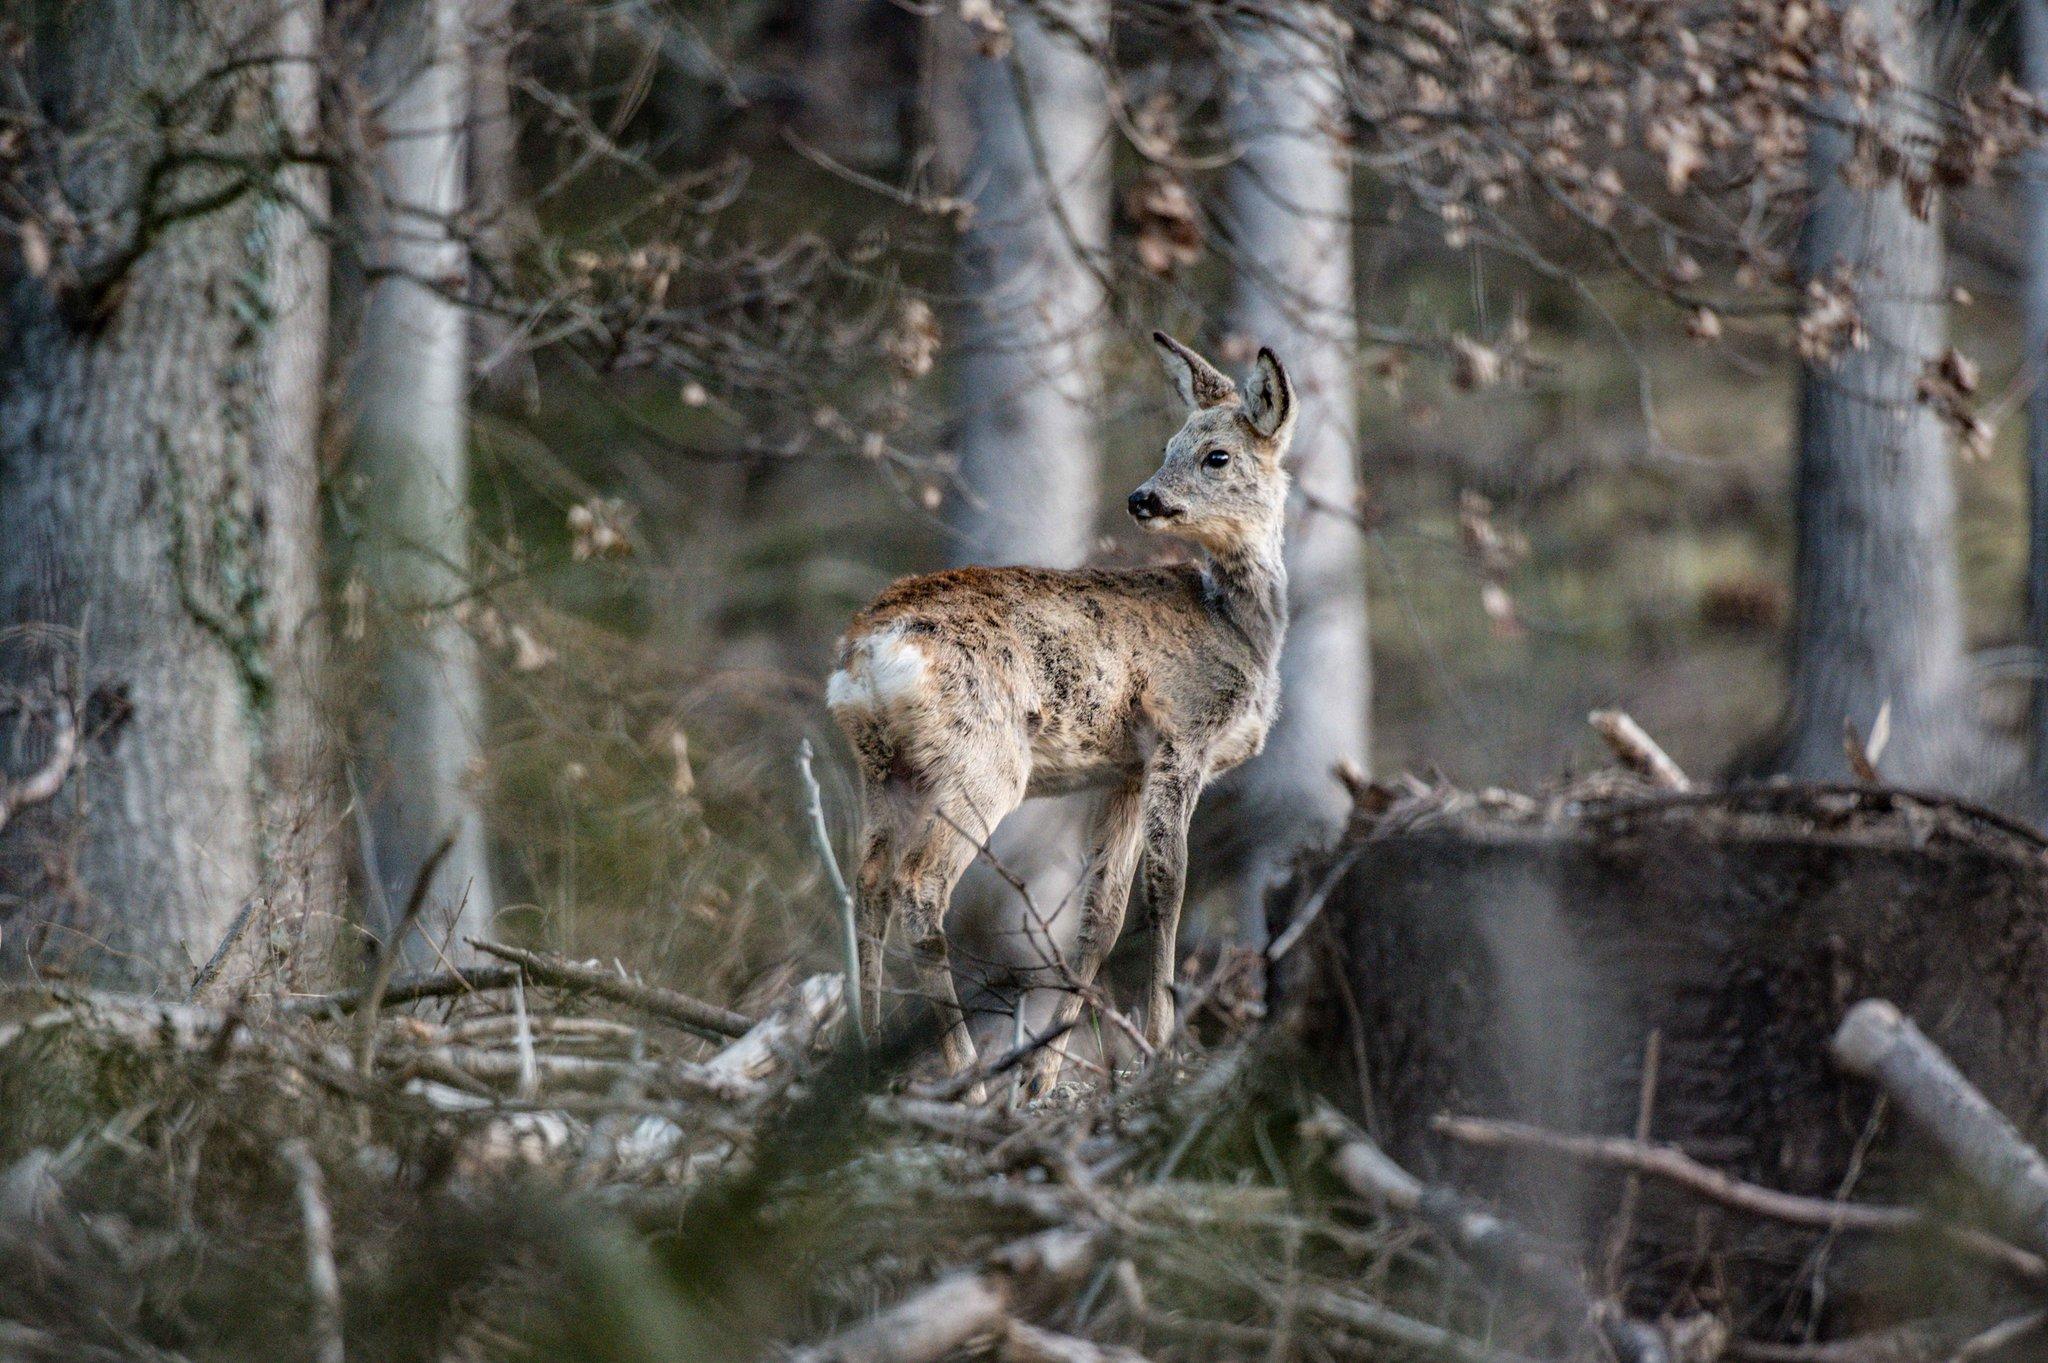 Jagdjahr 2019/2020 im Bezirk Innsbruck-Land: Sehr gute Erfüllung trotz steigender Abschussvorgaben